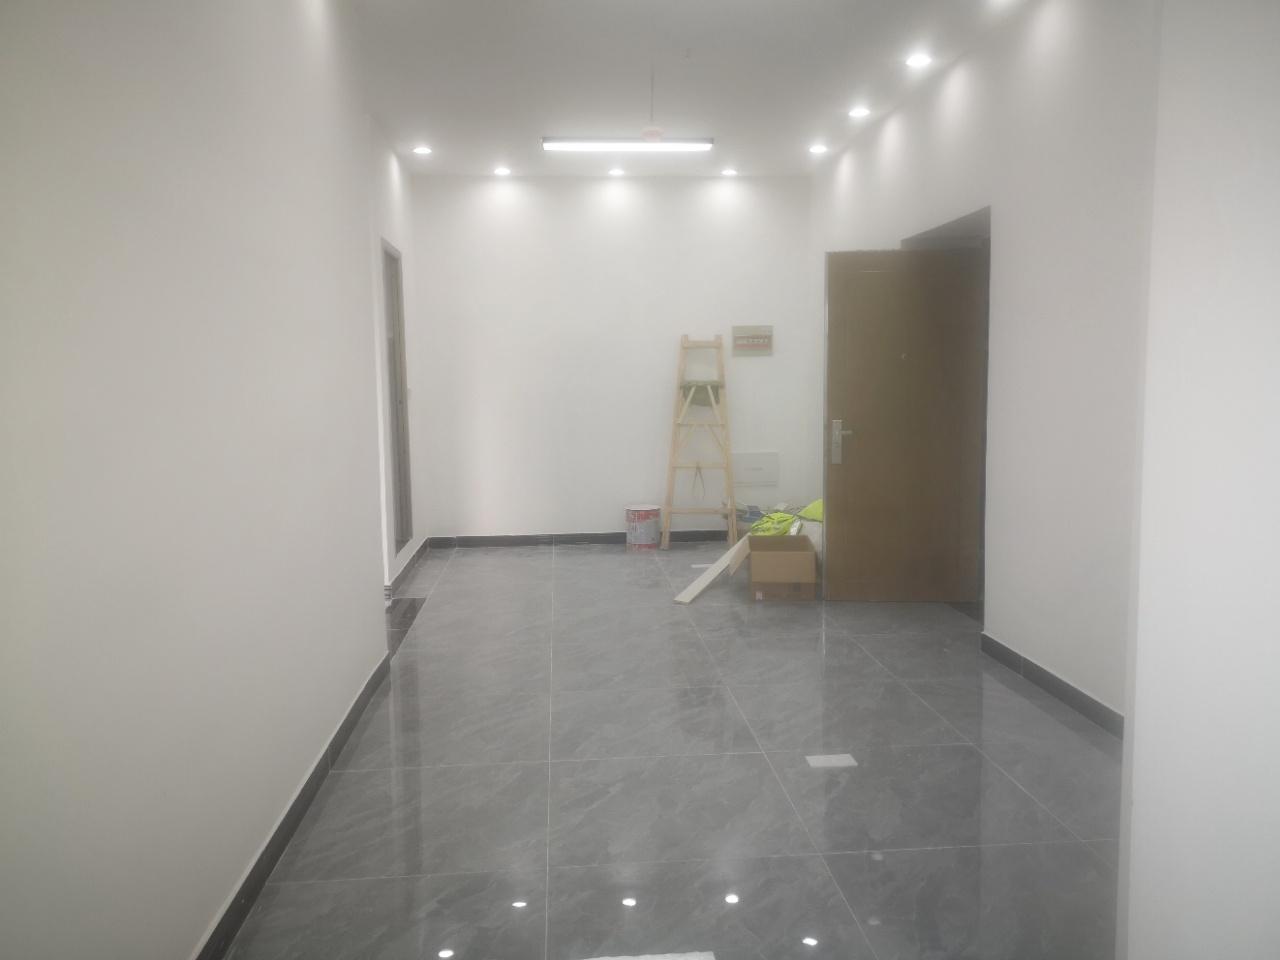 恒大曹家巷广场75平米简装,创业者天堂丨物业低丨 地铁口